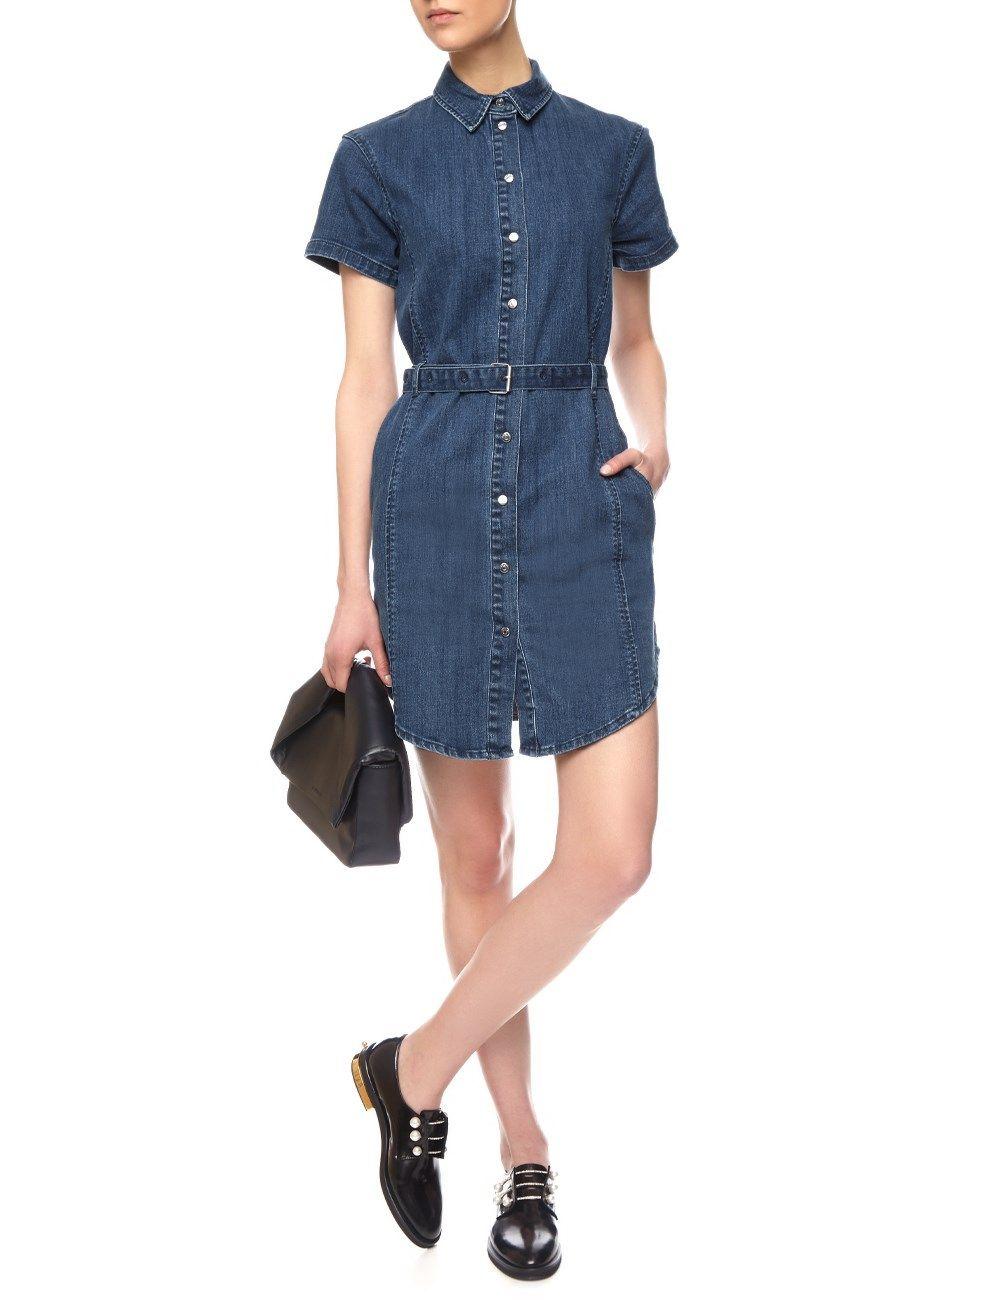 c0c9d9edaa Blue Denim Belted Dress